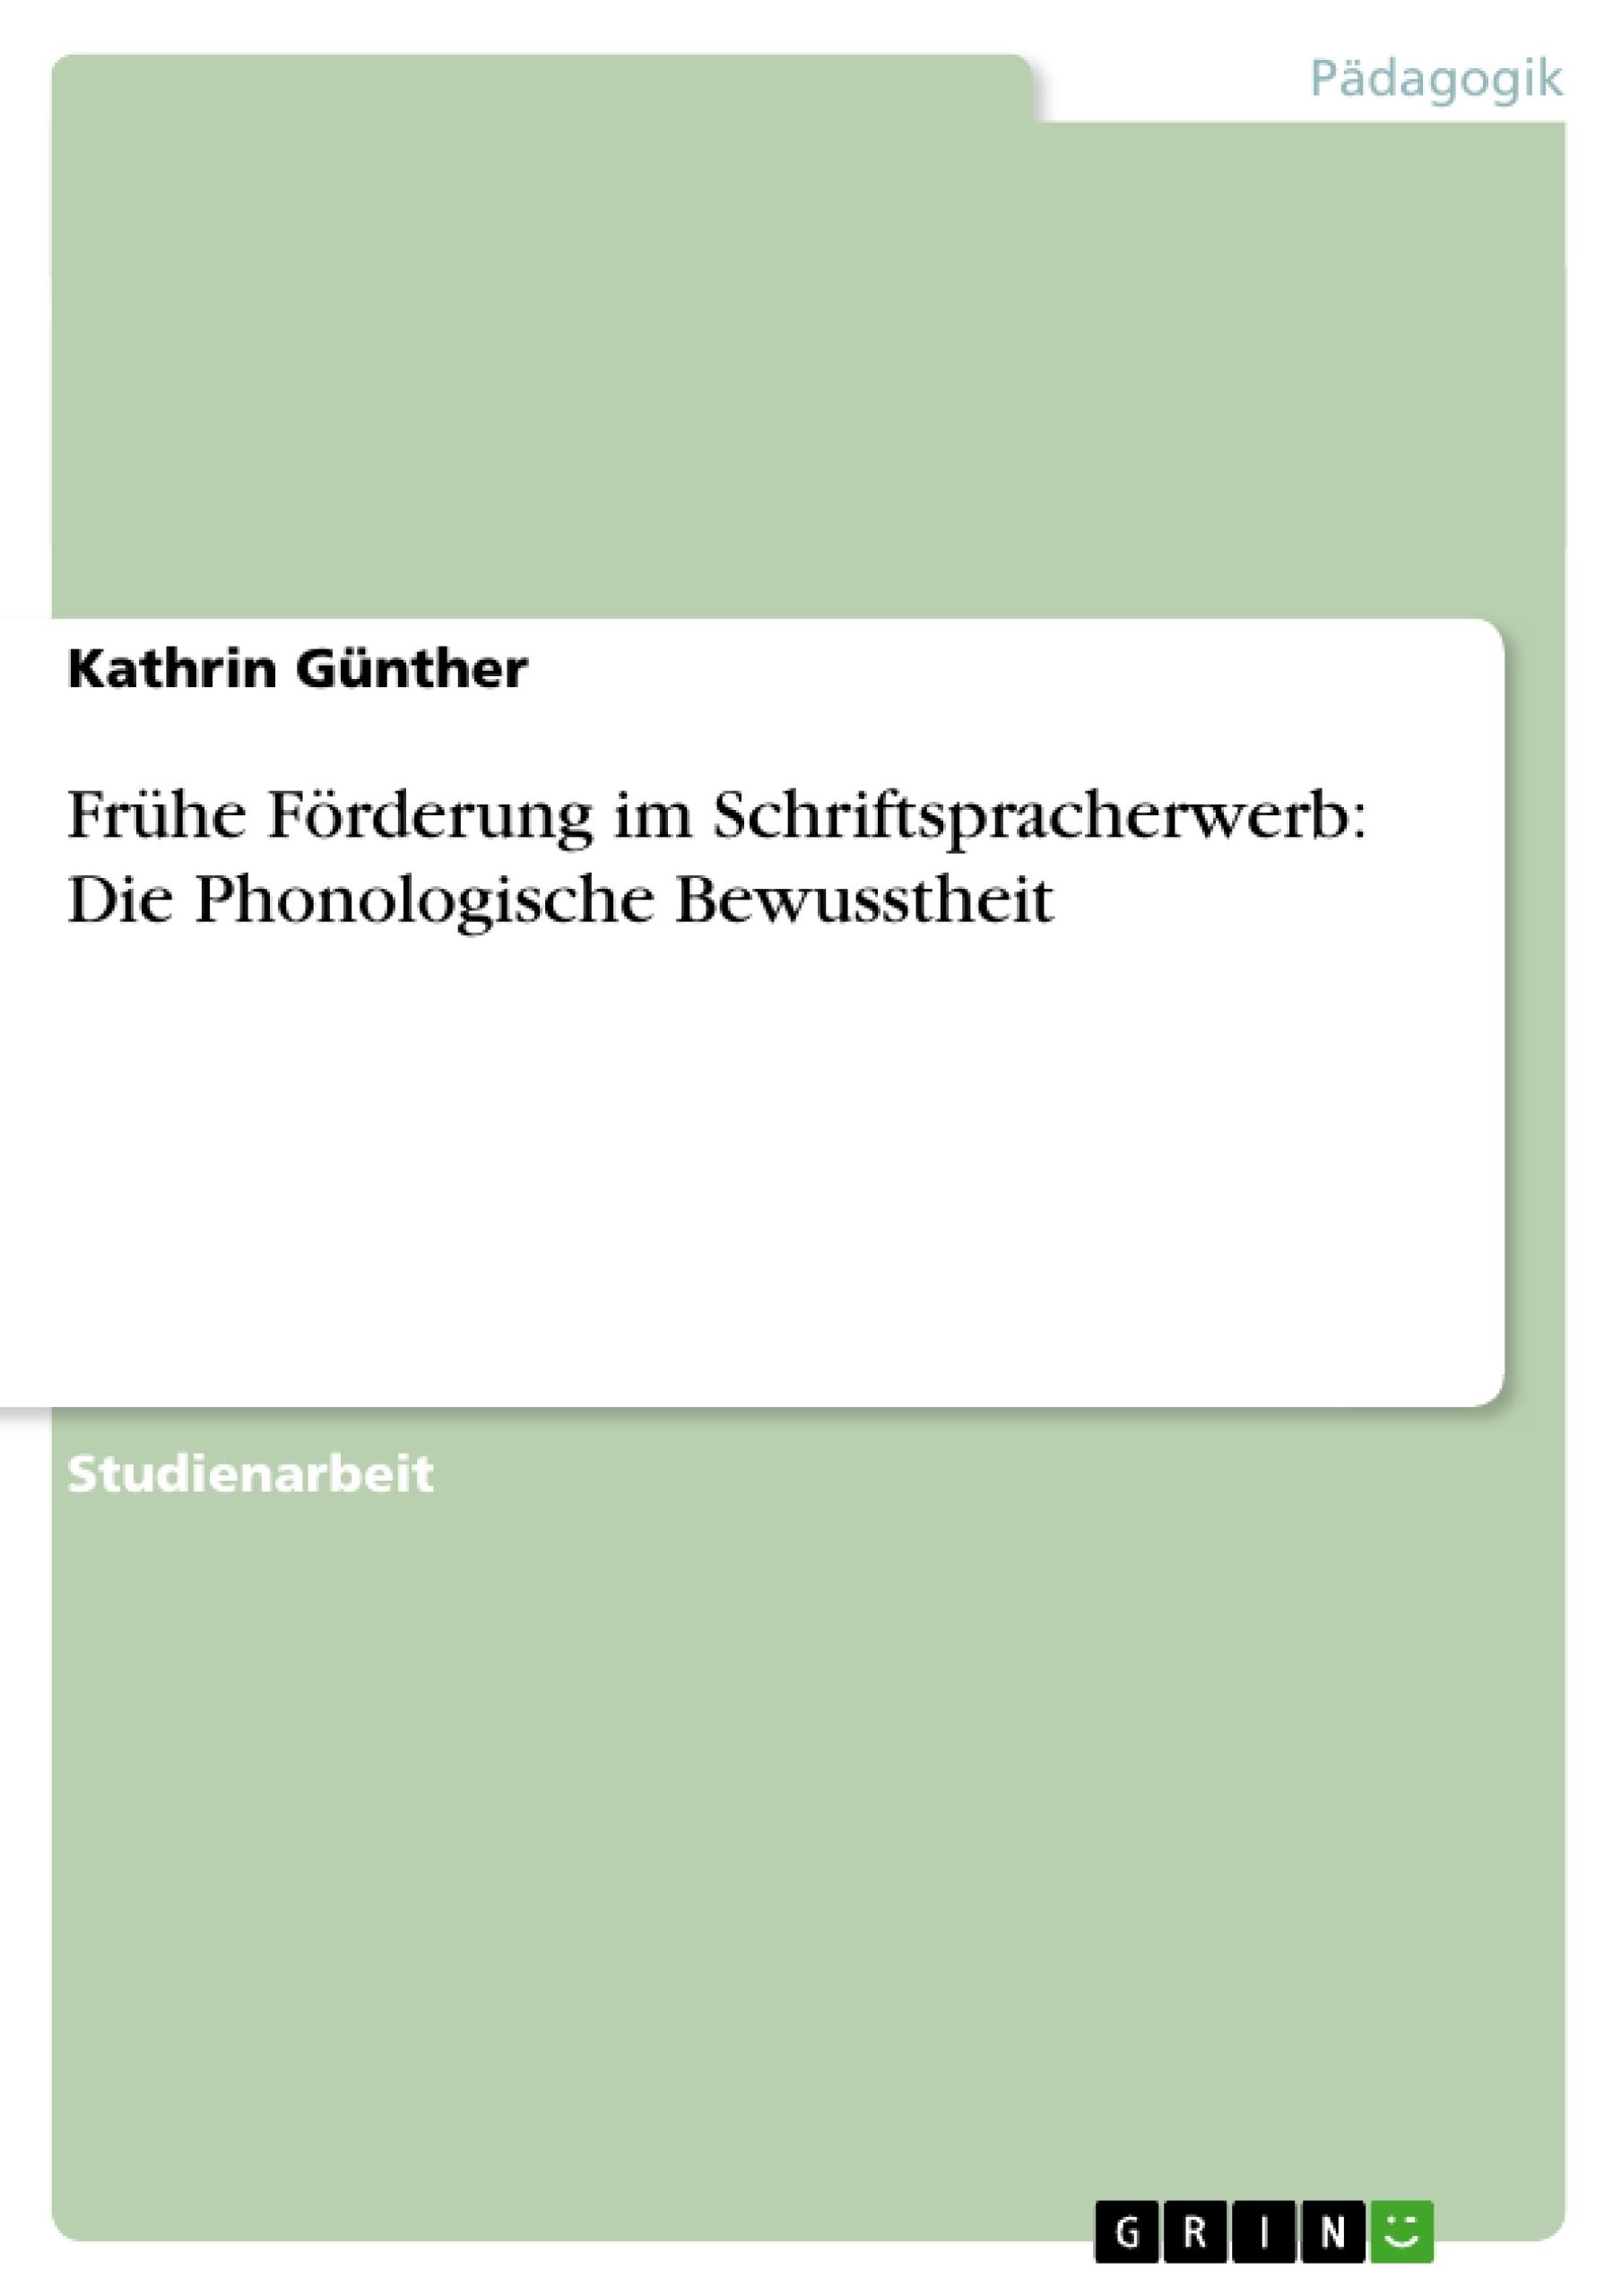 Titel: Frühe Förderung im Schriftspracherwerb: Die Phonologische Bewusstheit